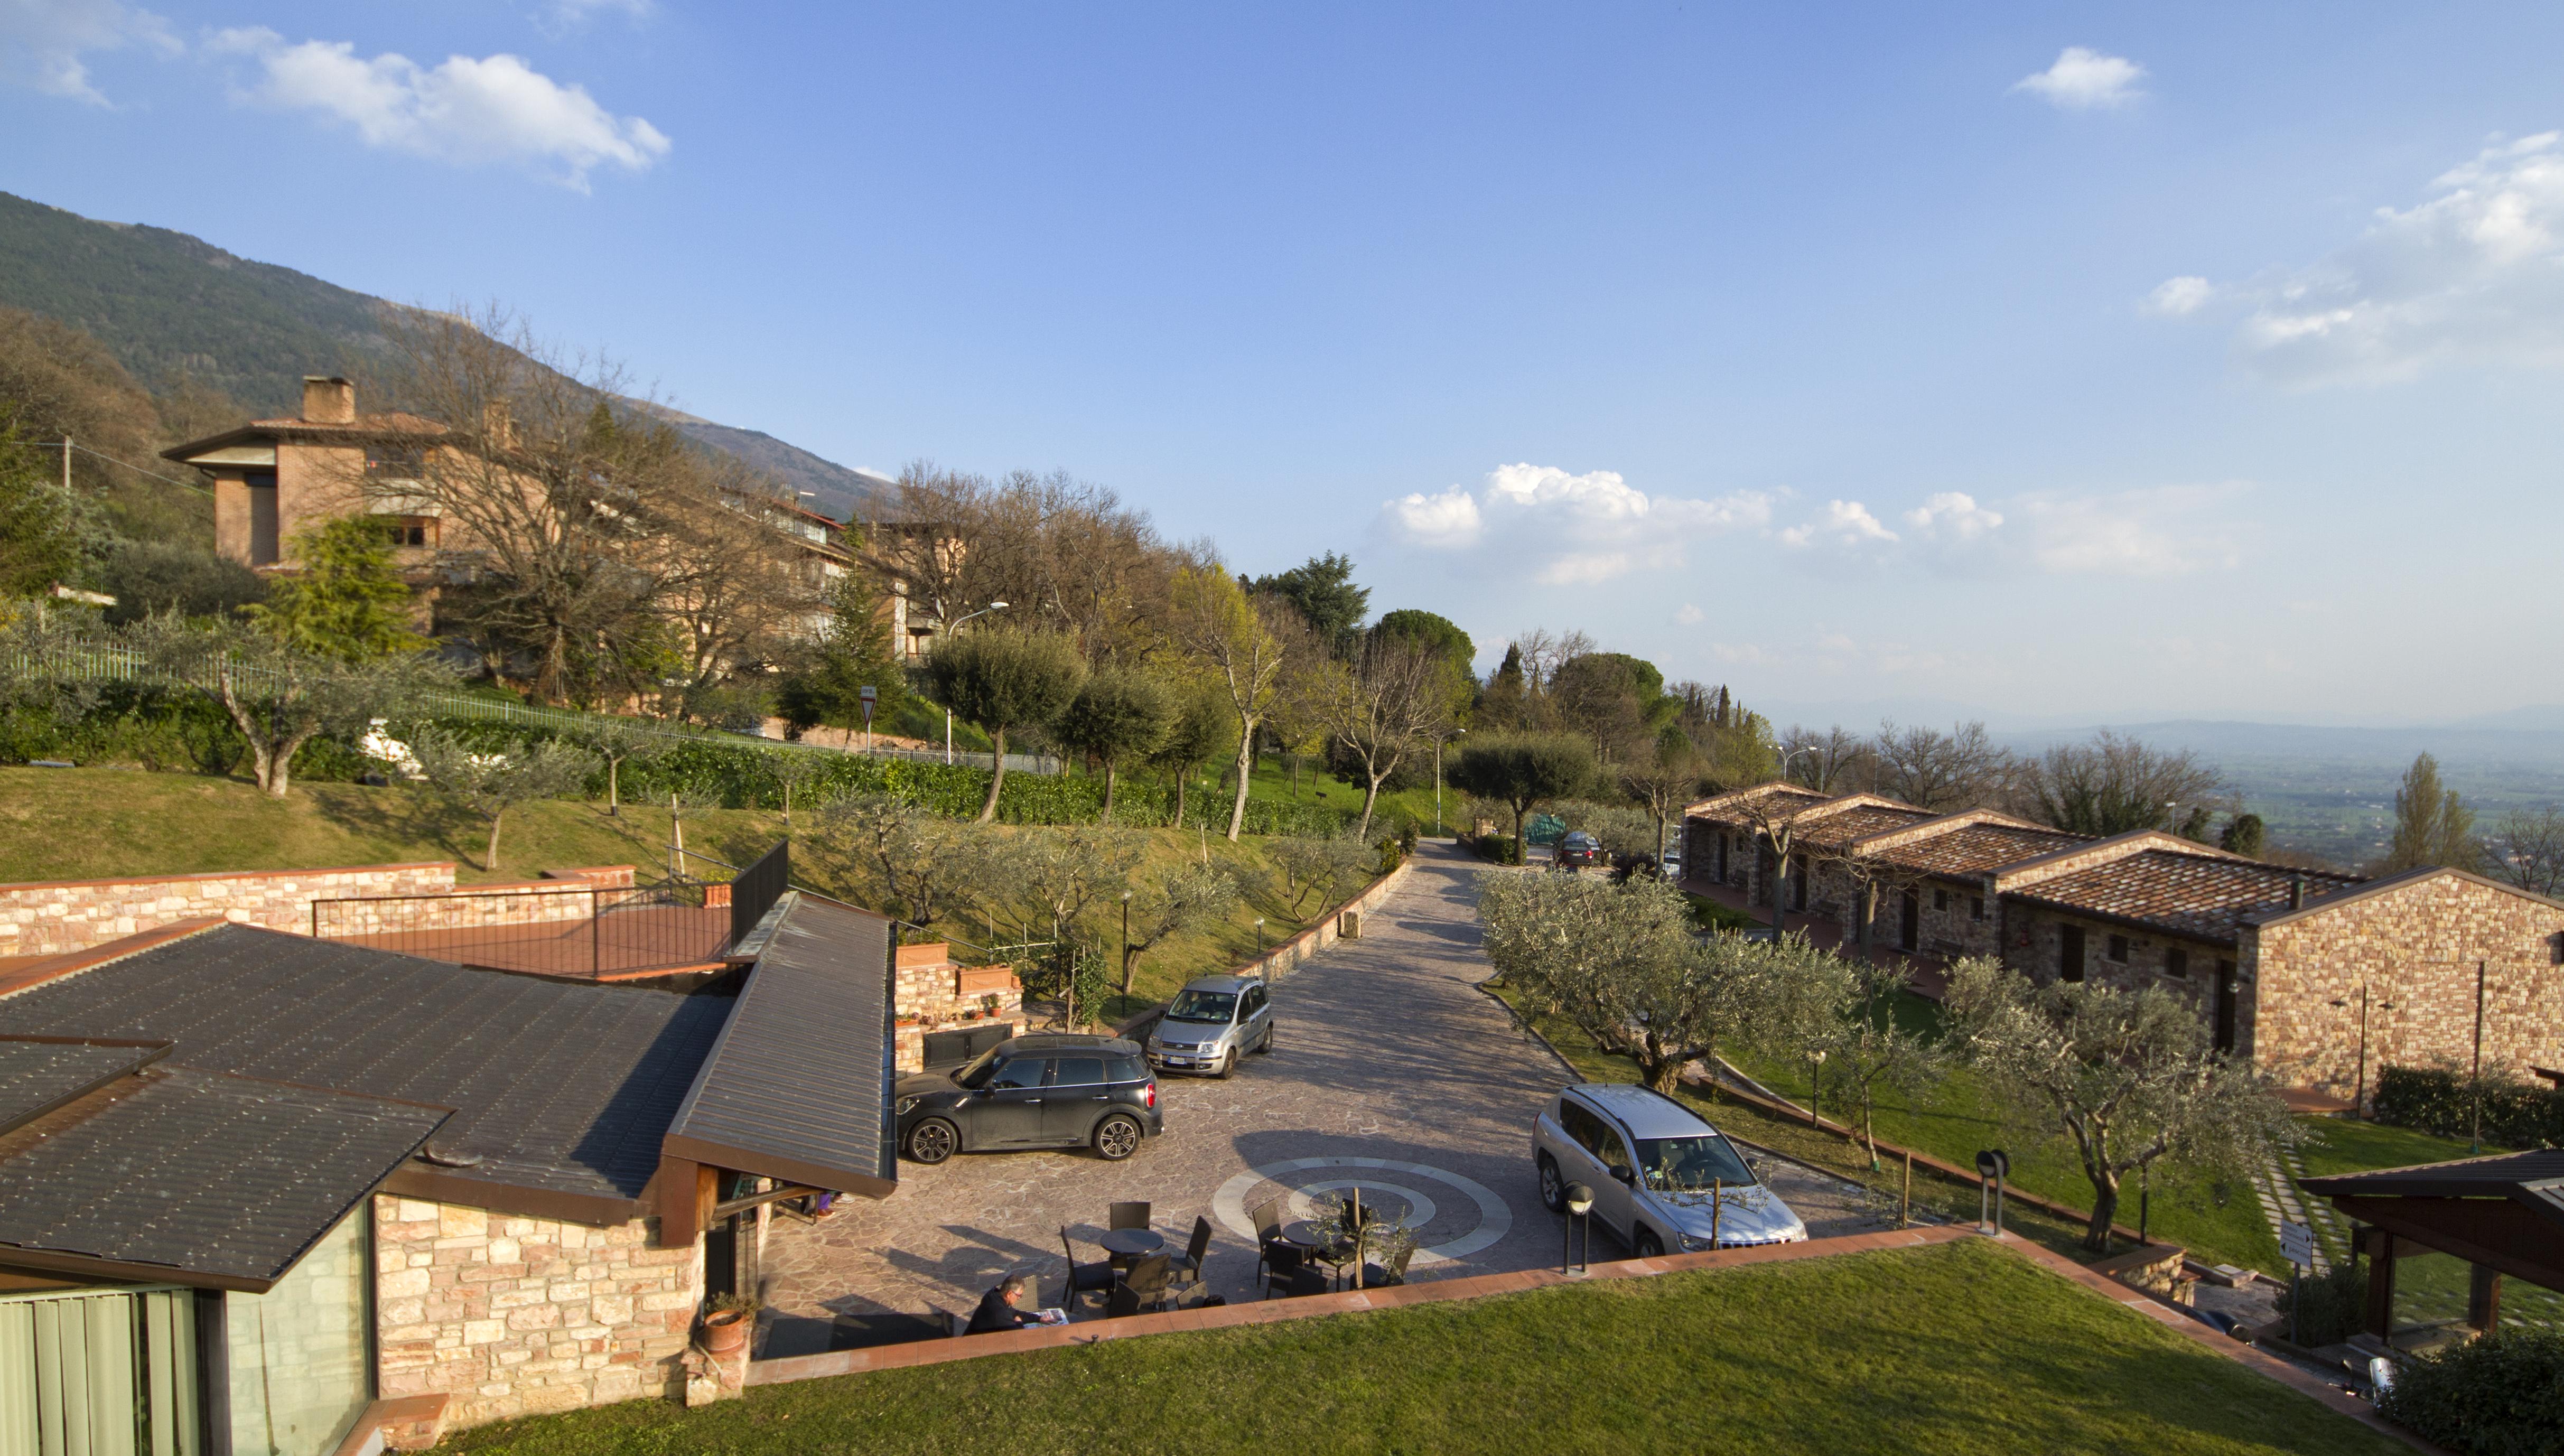 File:Hotel La Terrazza, Assisi PG, Umbria, Italy - panoramio.jpg ...